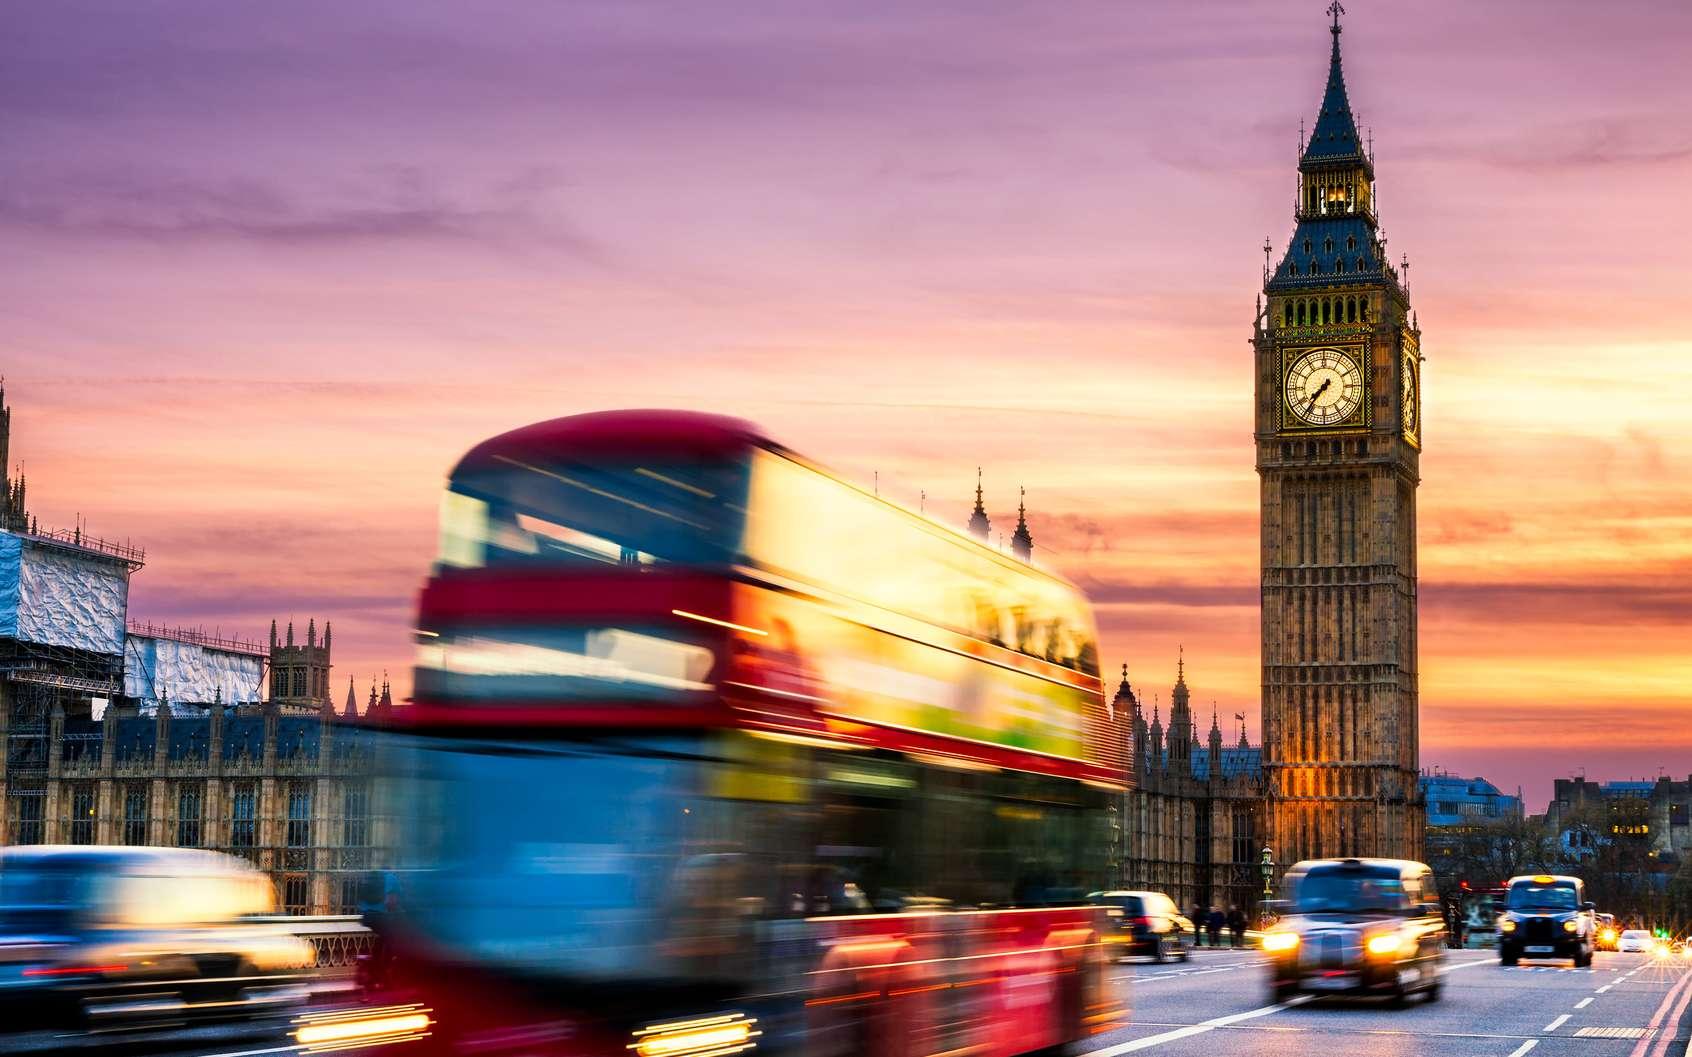 Big Ben à Londres, l'emblématique tour de l'Horloge du palais de Westminster. © daliu, fotolia